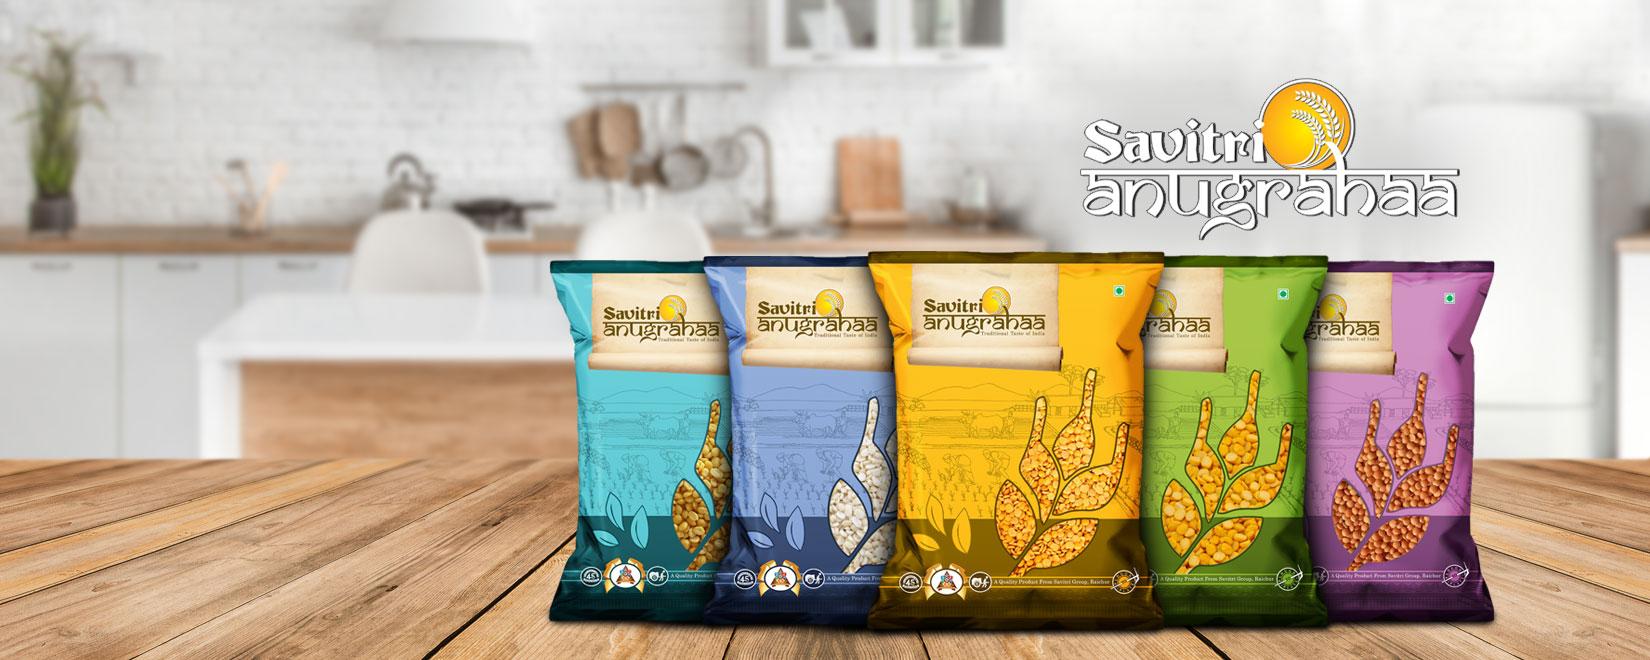 savitri-ashirvaad-banner-2